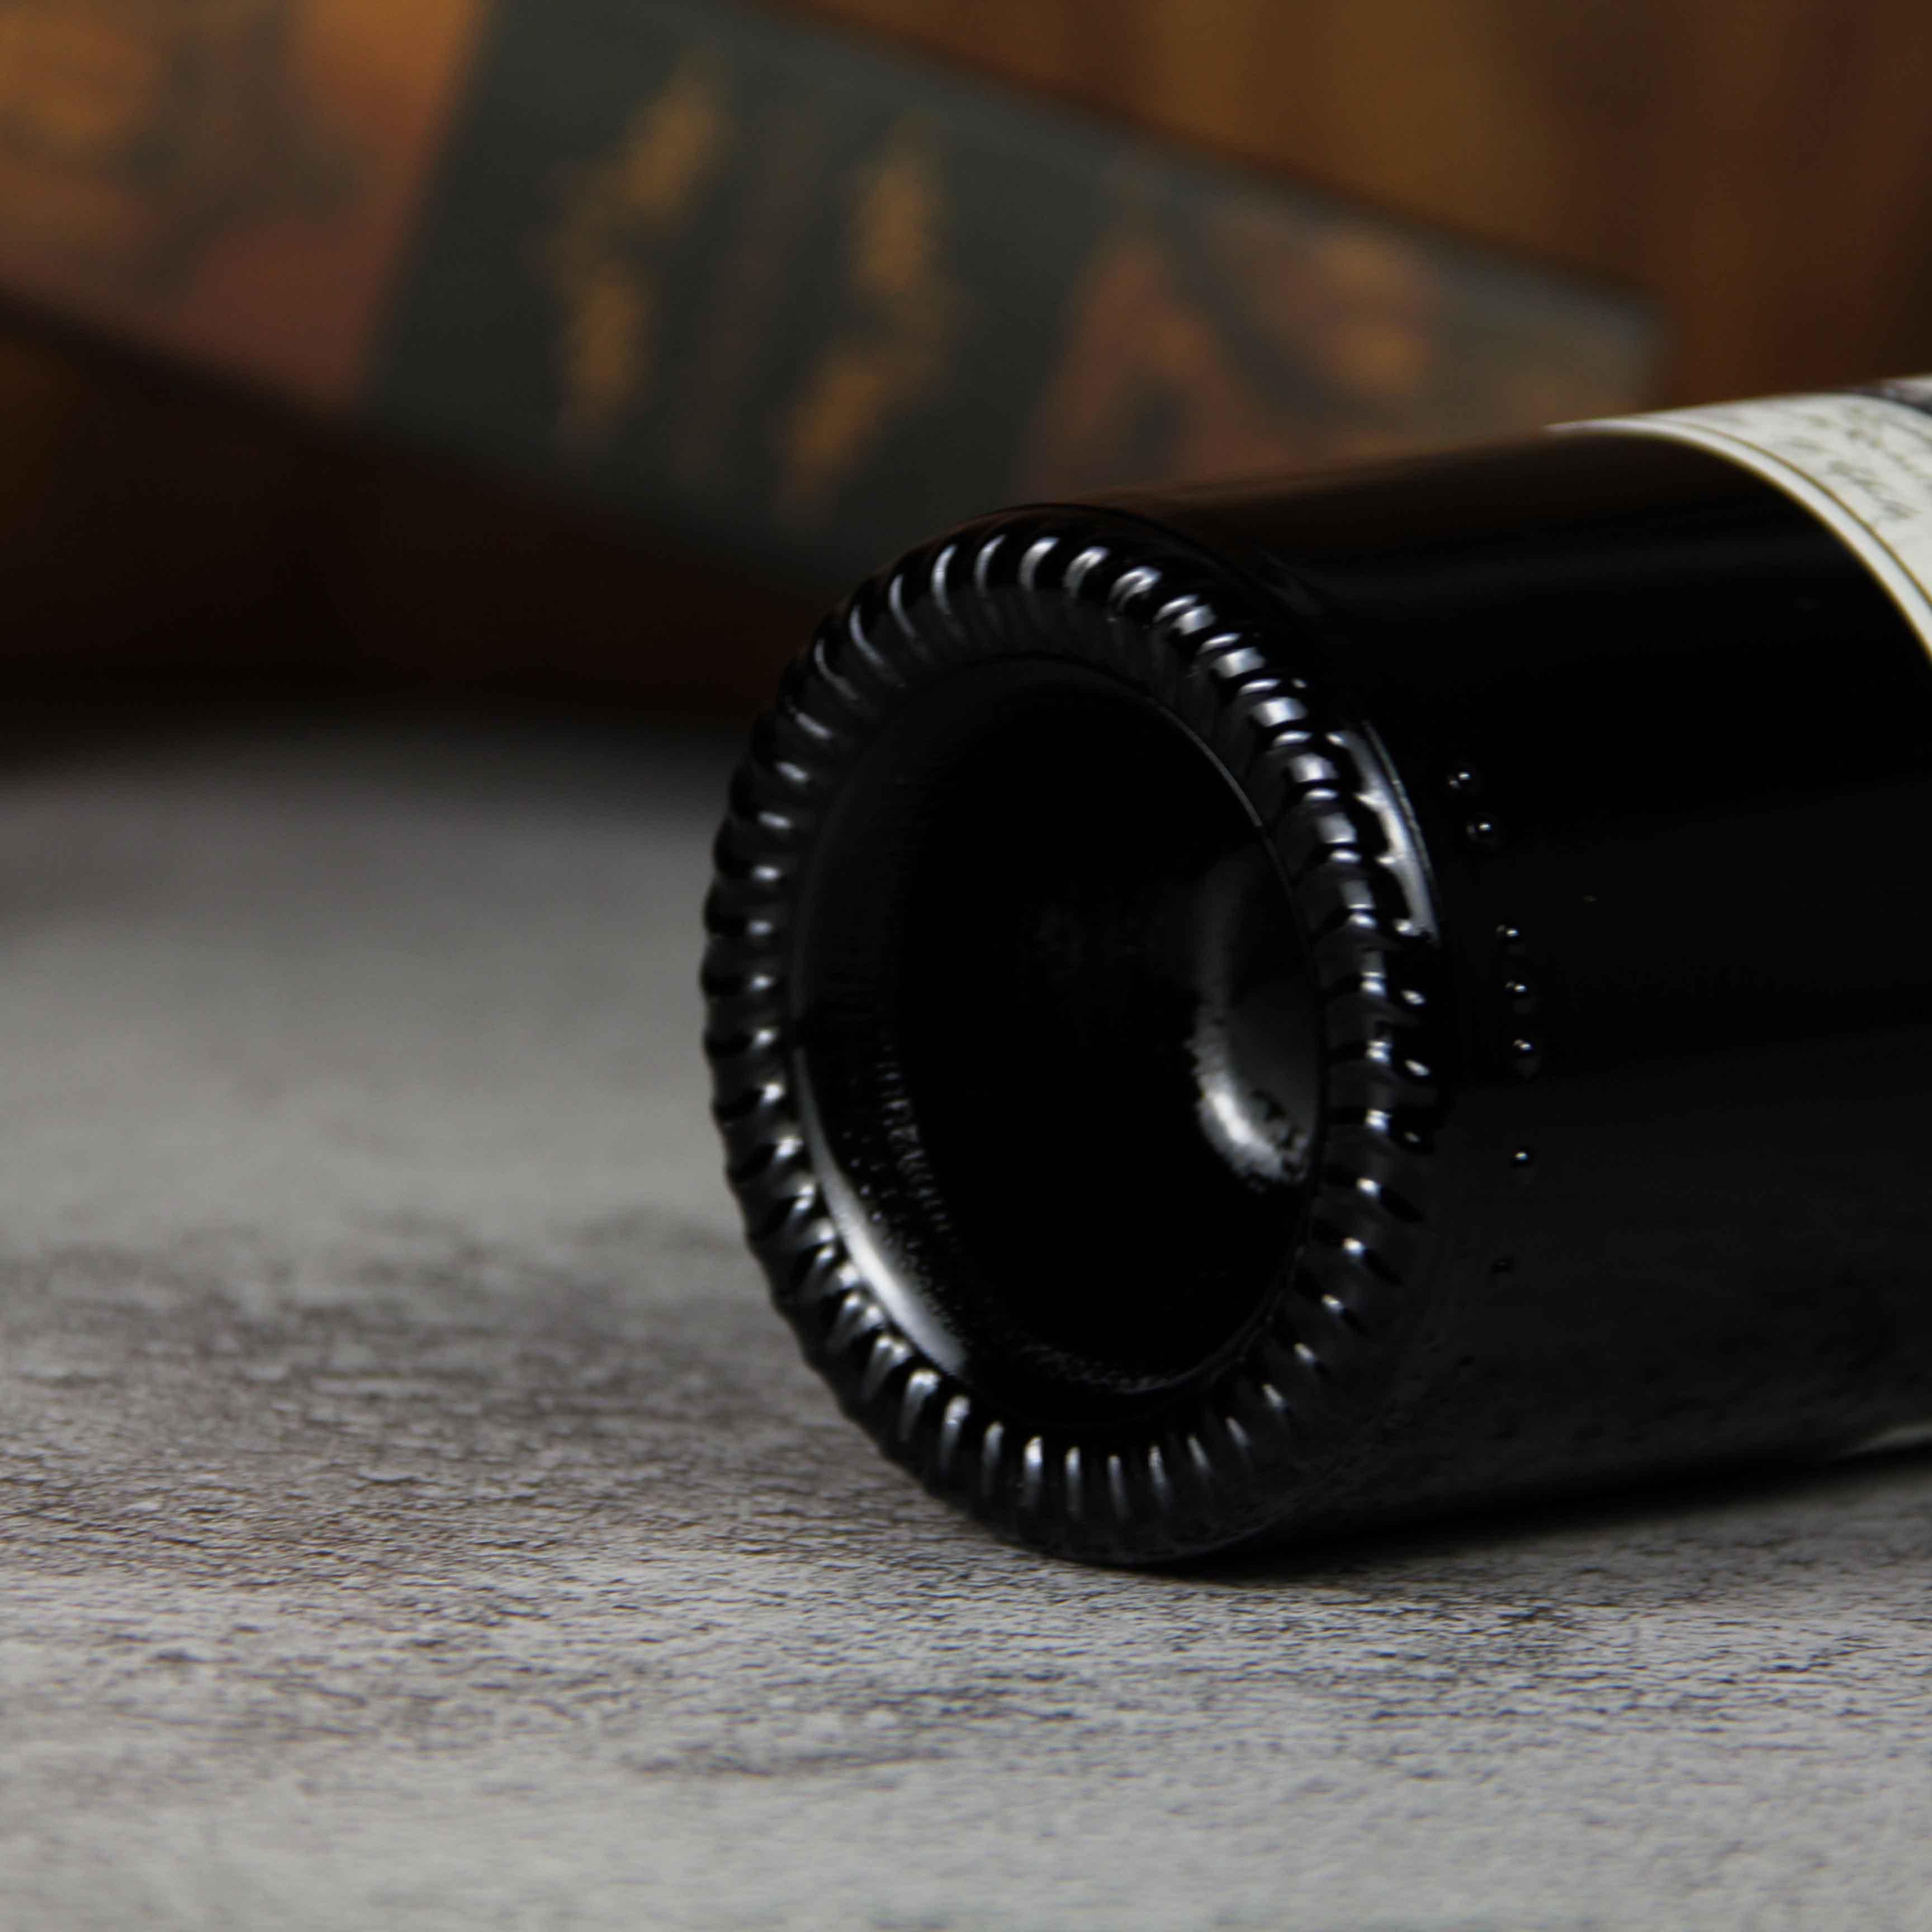 智利中央山谷DonaBianca酒庄安卡夫人赤霞珠经典干红葡萄酒